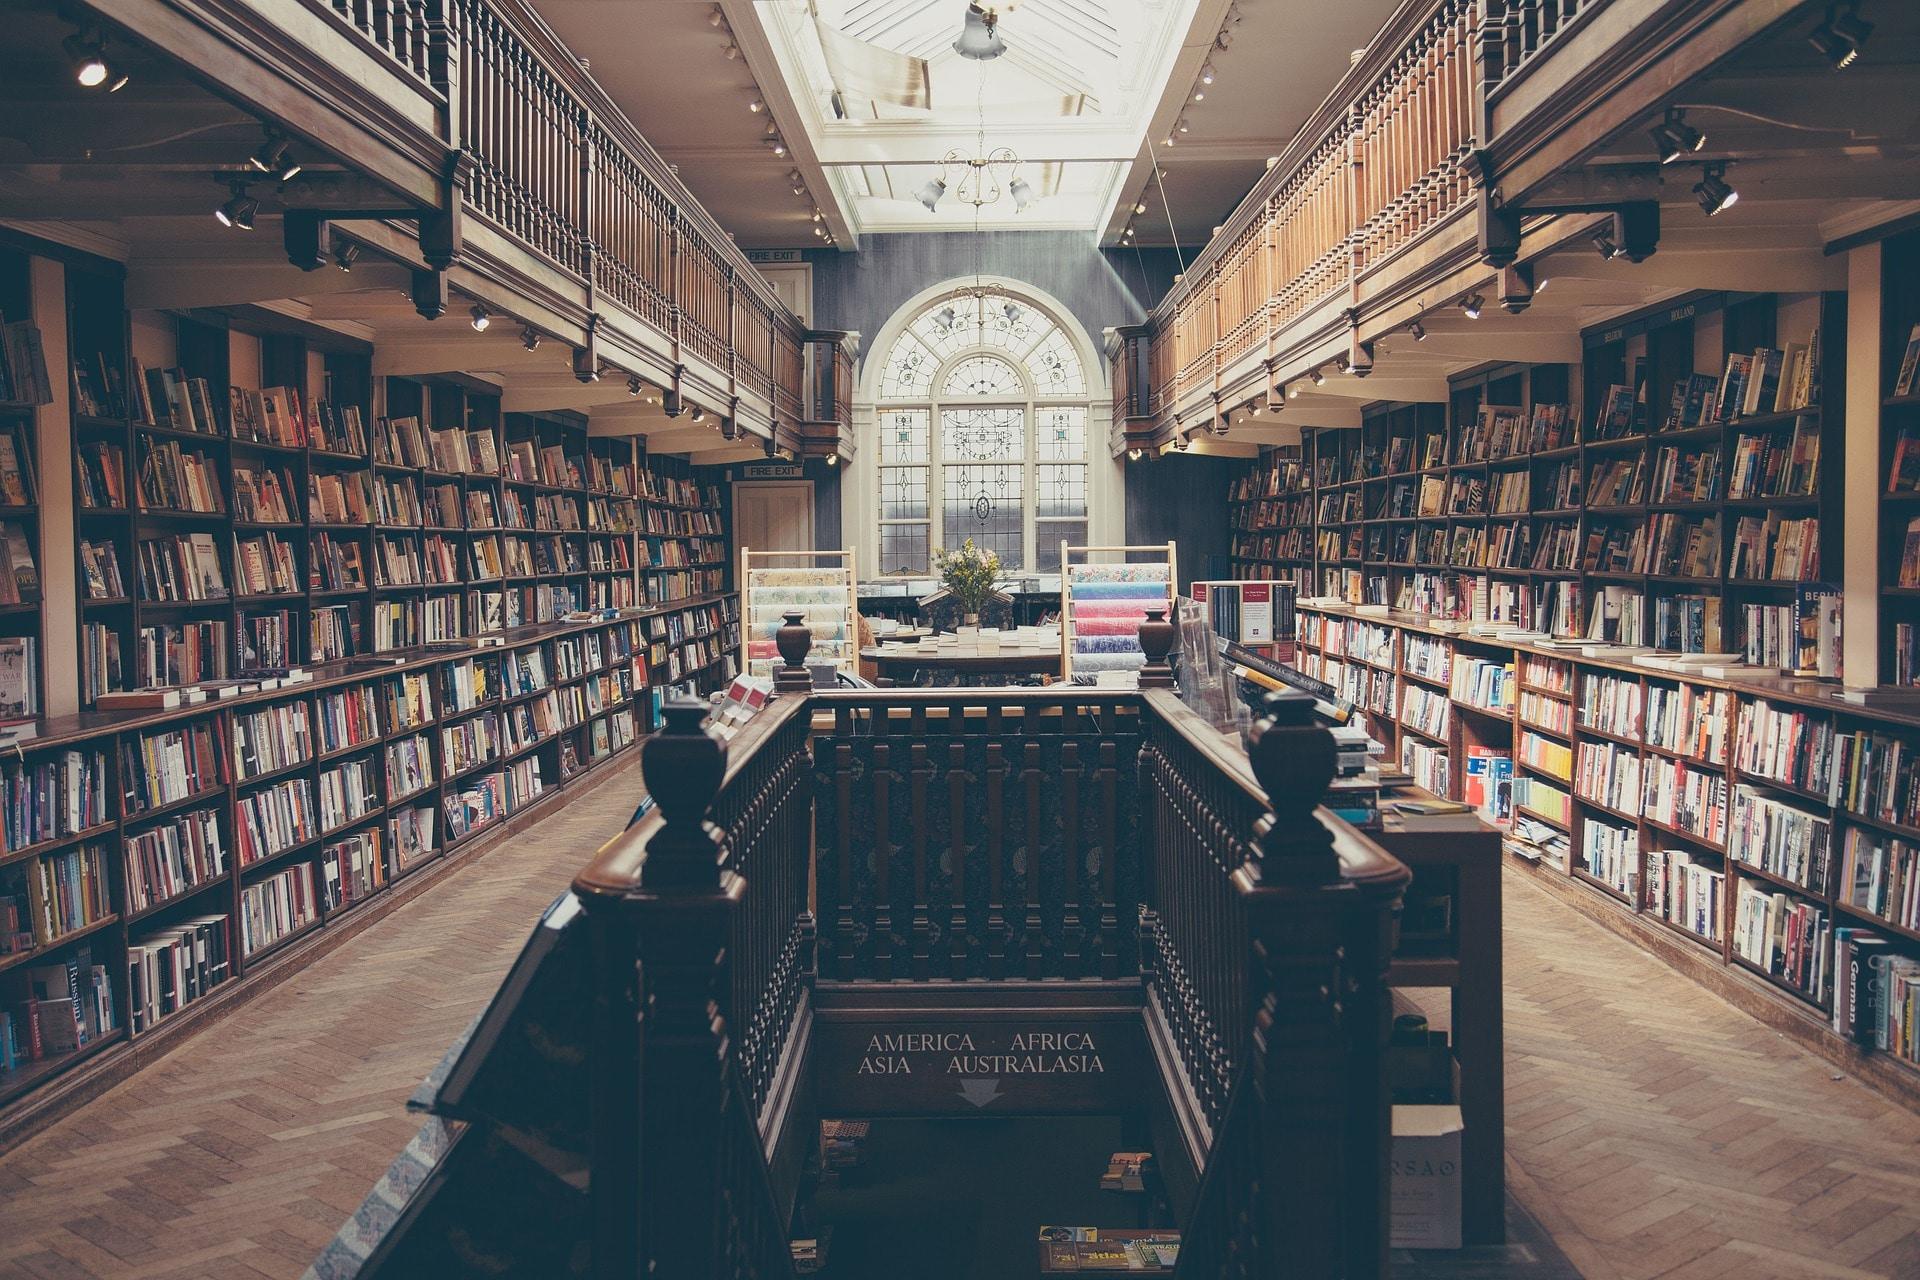 Con il tempo che spendiamo ogni anno sui social potremmo leggere 200 libri